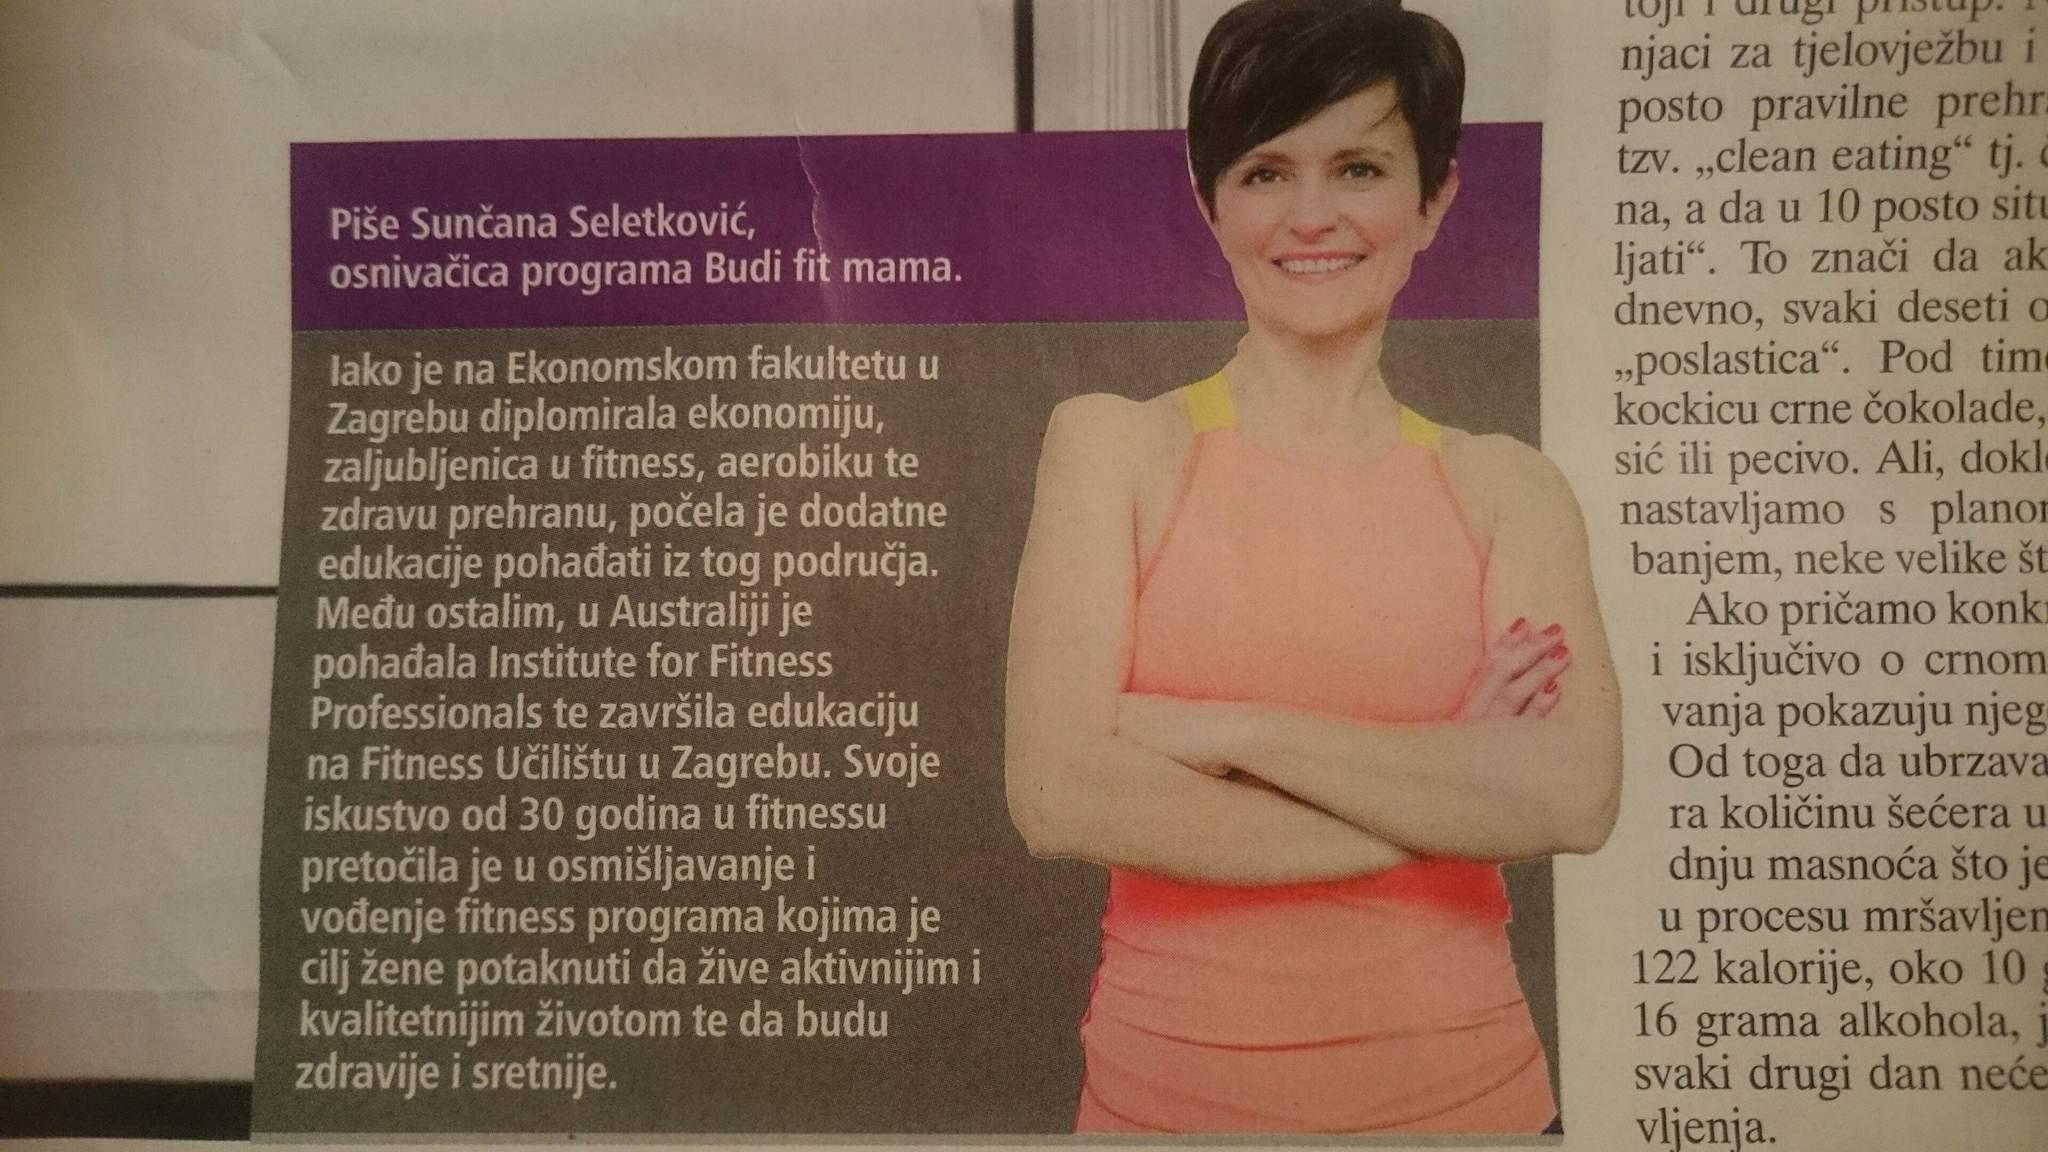 Živjeti zdravo - budifitmama.hr